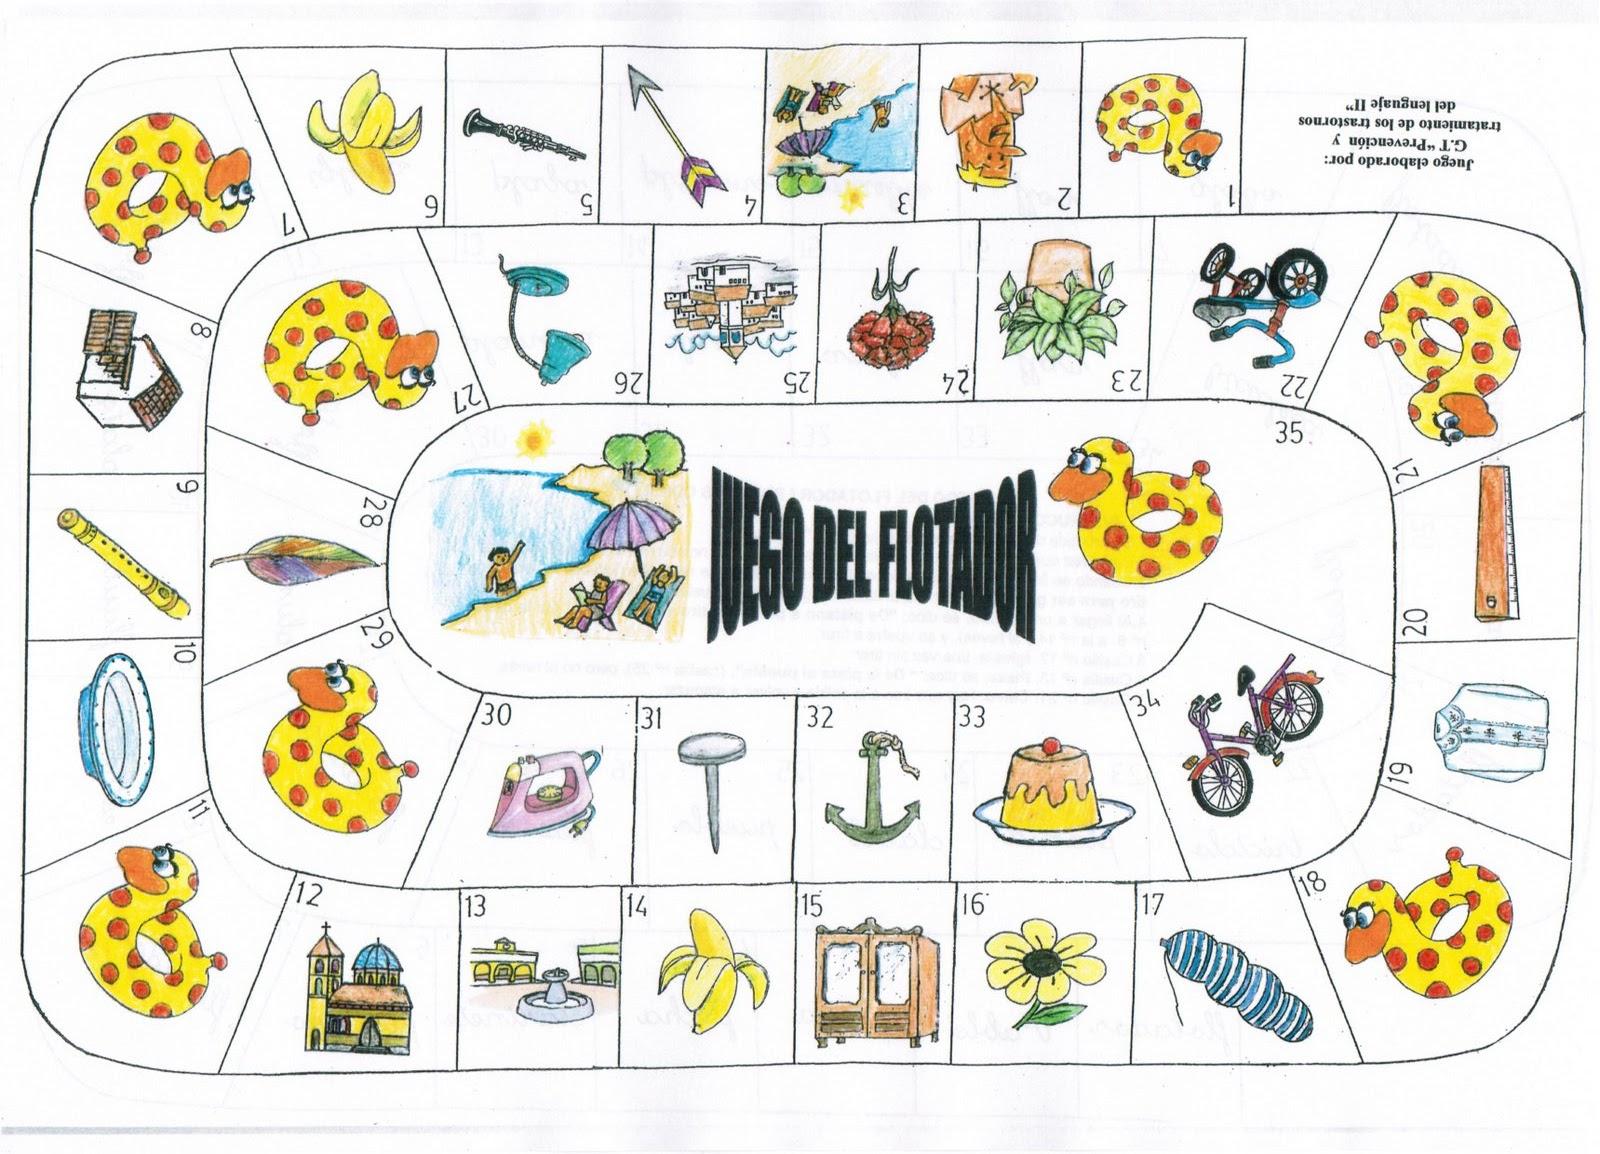 Recursos de lenguaje: Juego de la oca por fonemas